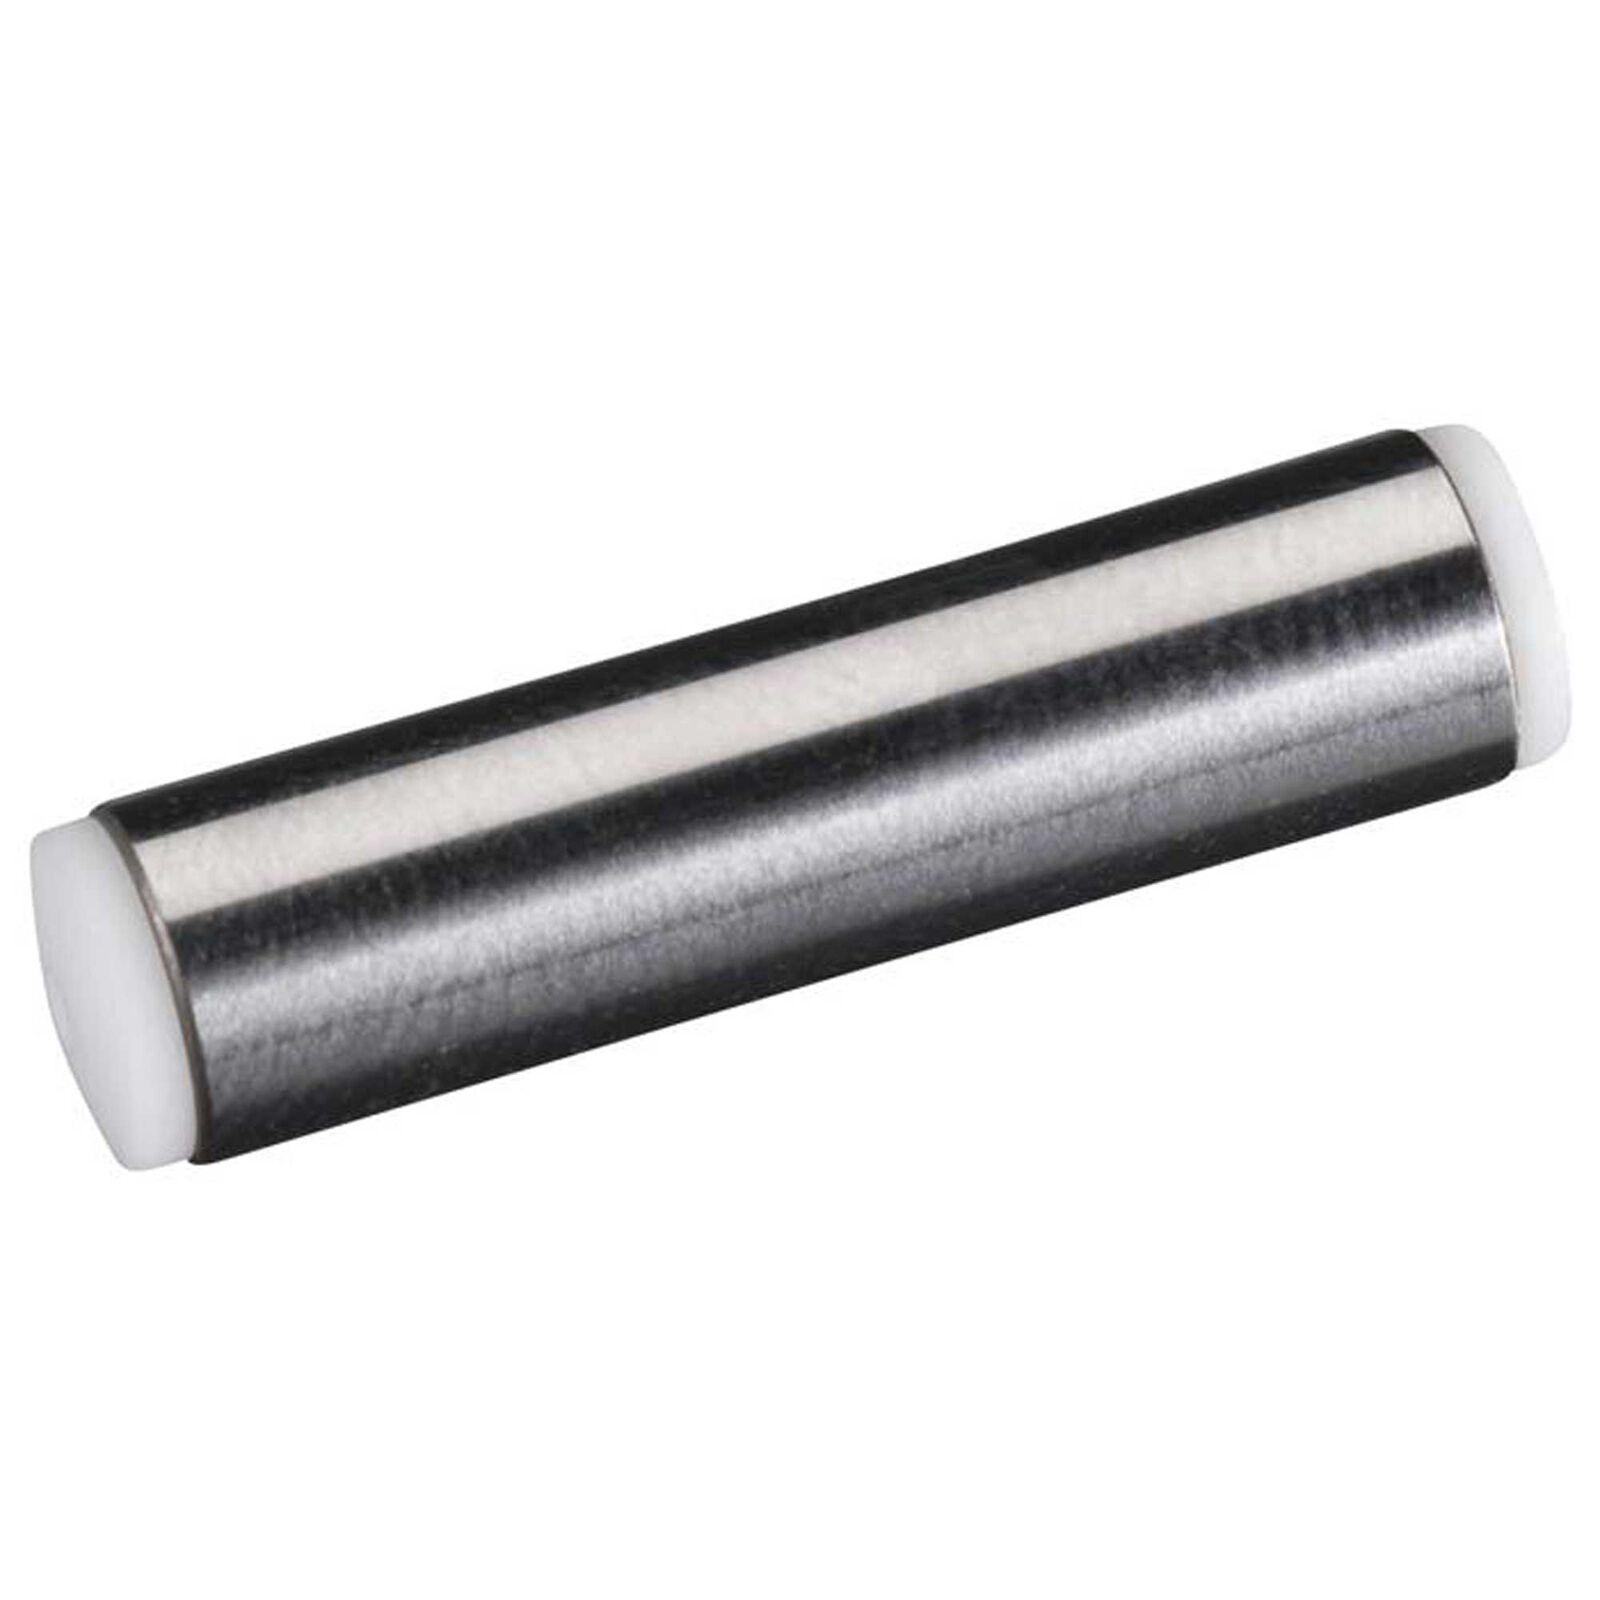 Piston Pin: FS-70 Surpass